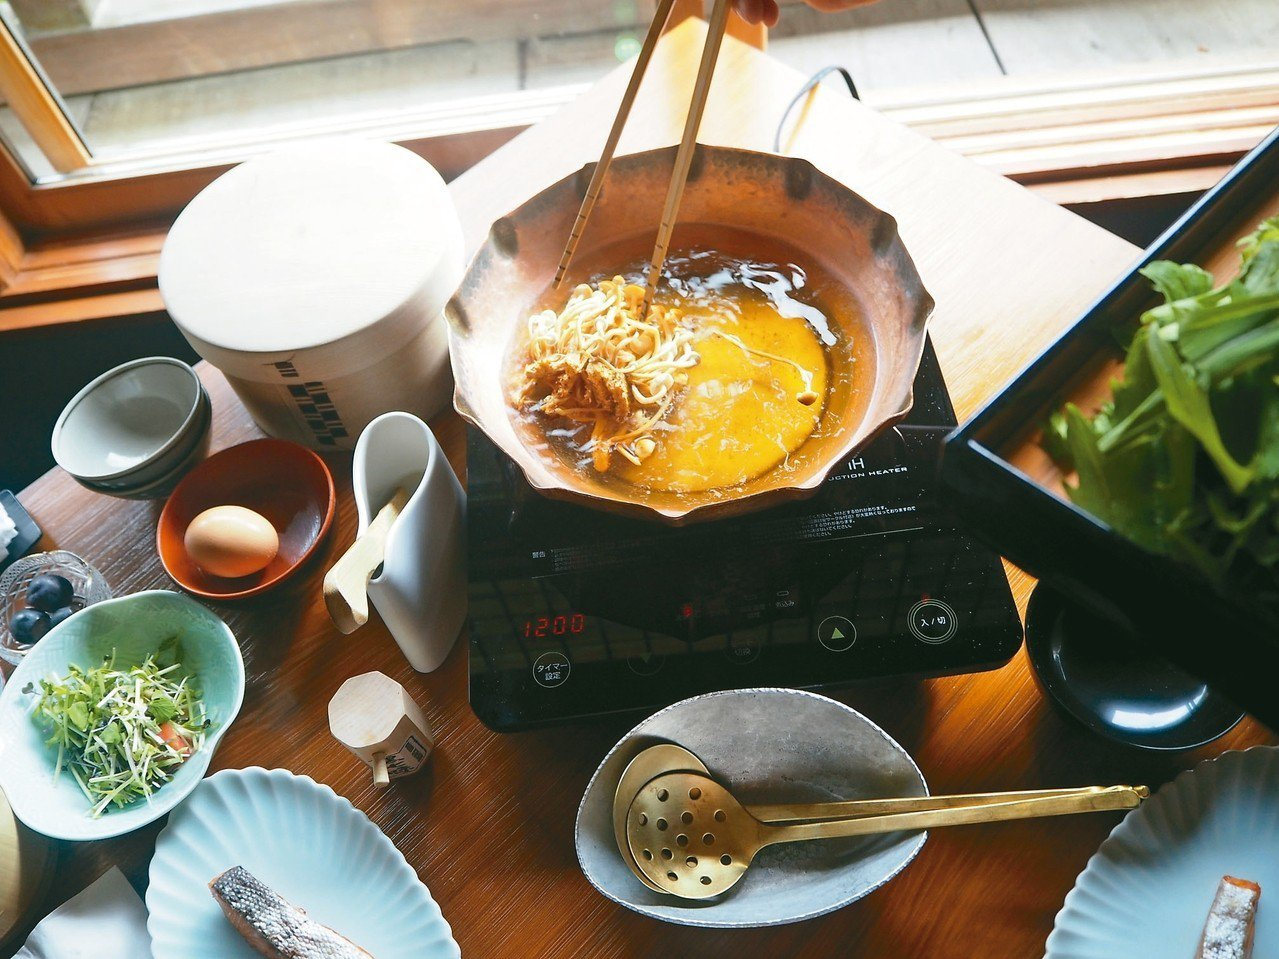 嵐山星野自炊的野菜粥早餐。 圖/曾郁雯提供